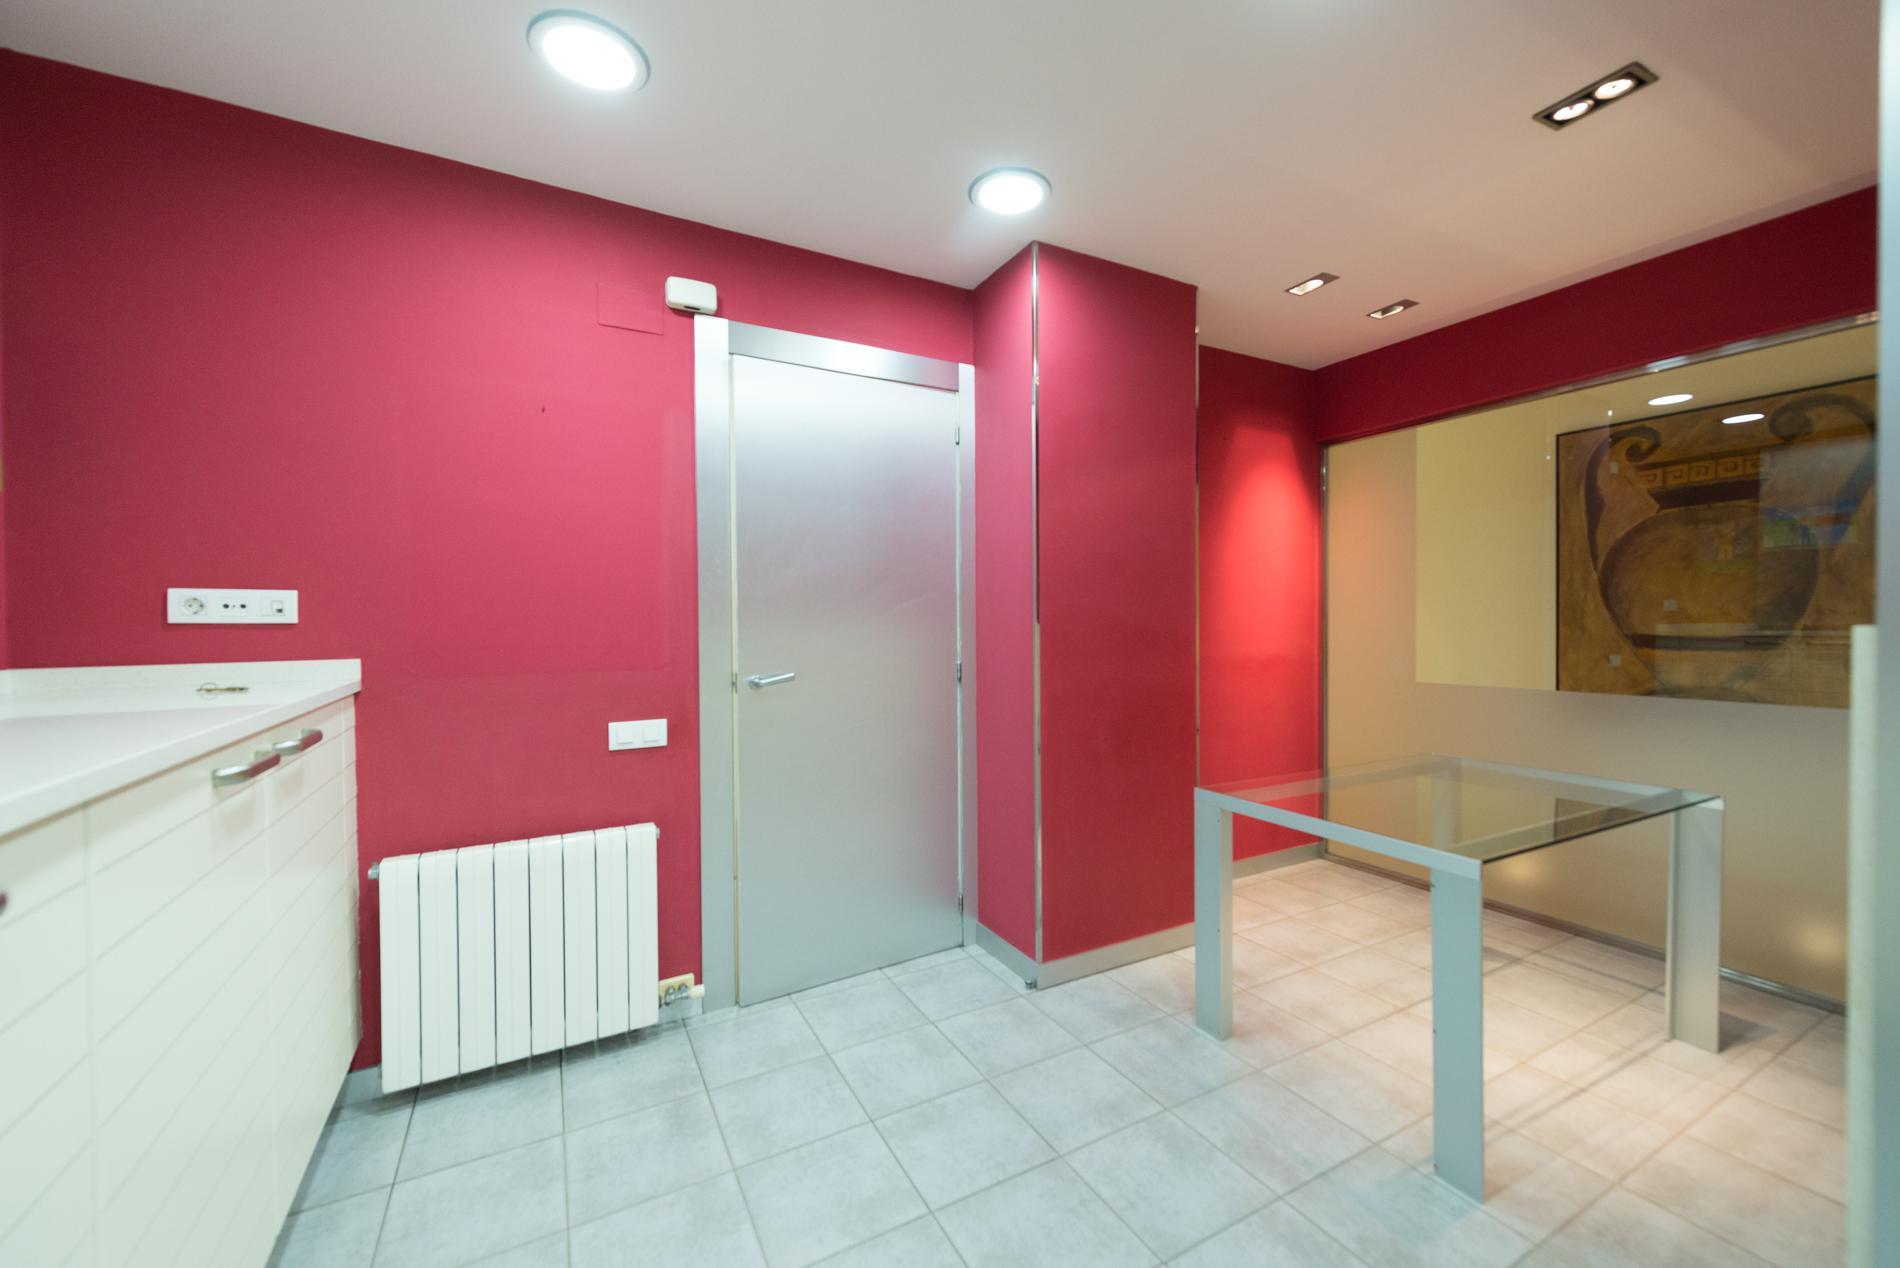 247761 Ground Floor for sale in Sarrià-Sant Gervasi, St. Gervasi-Bonanova 35